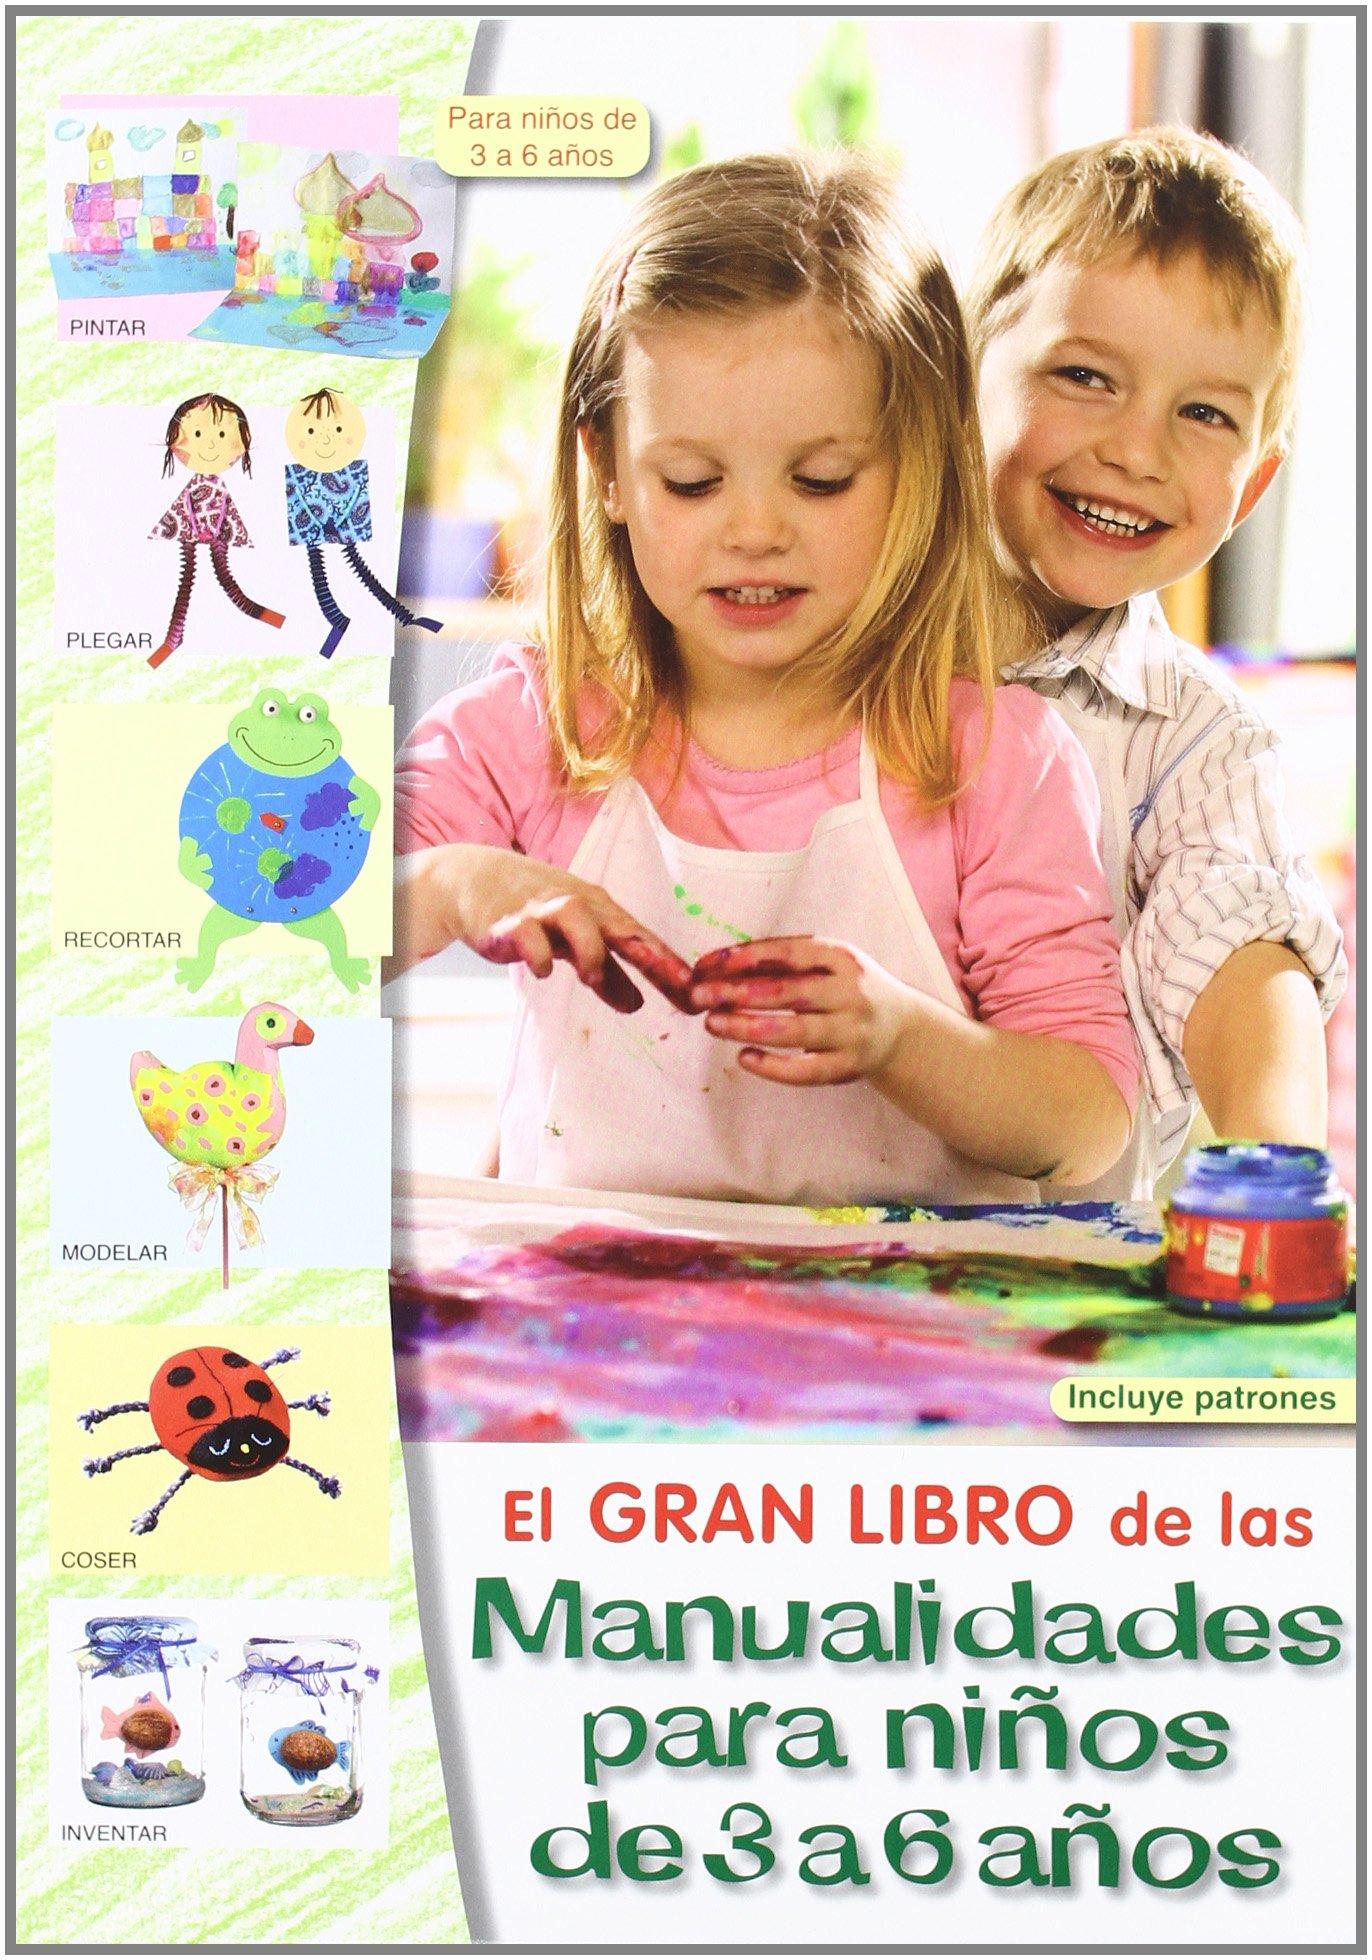 El Gran Libro de las Manualidades Para Niños de 3 a 6 Años: Amazon.es: Artistas varios: Libros